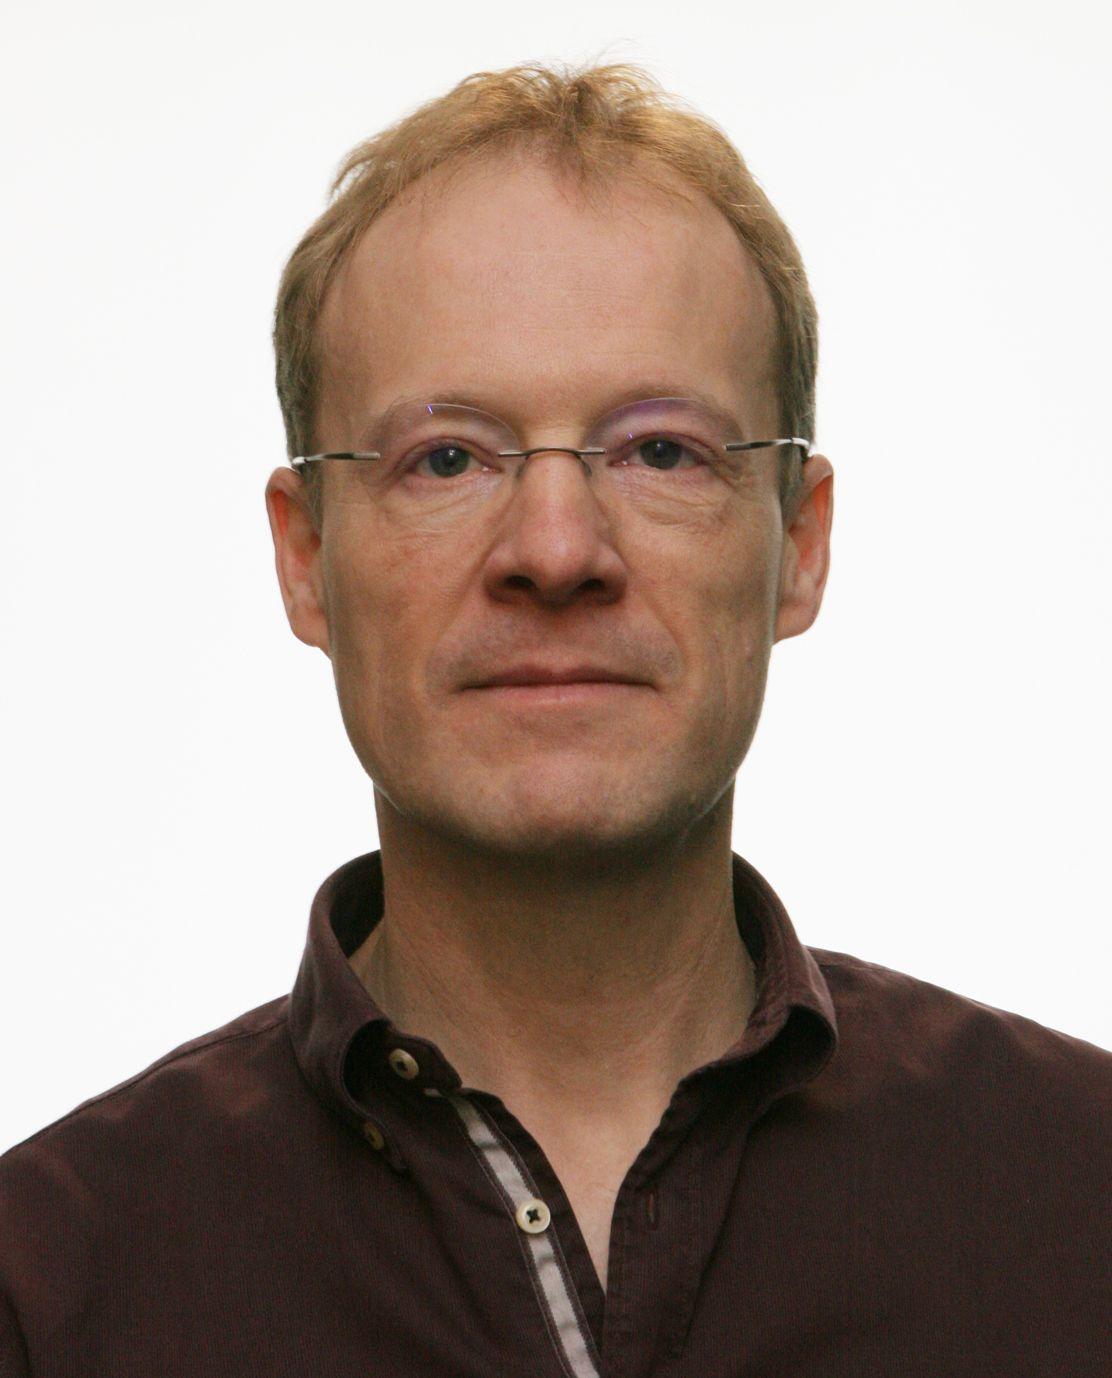 Wim Van Bortel